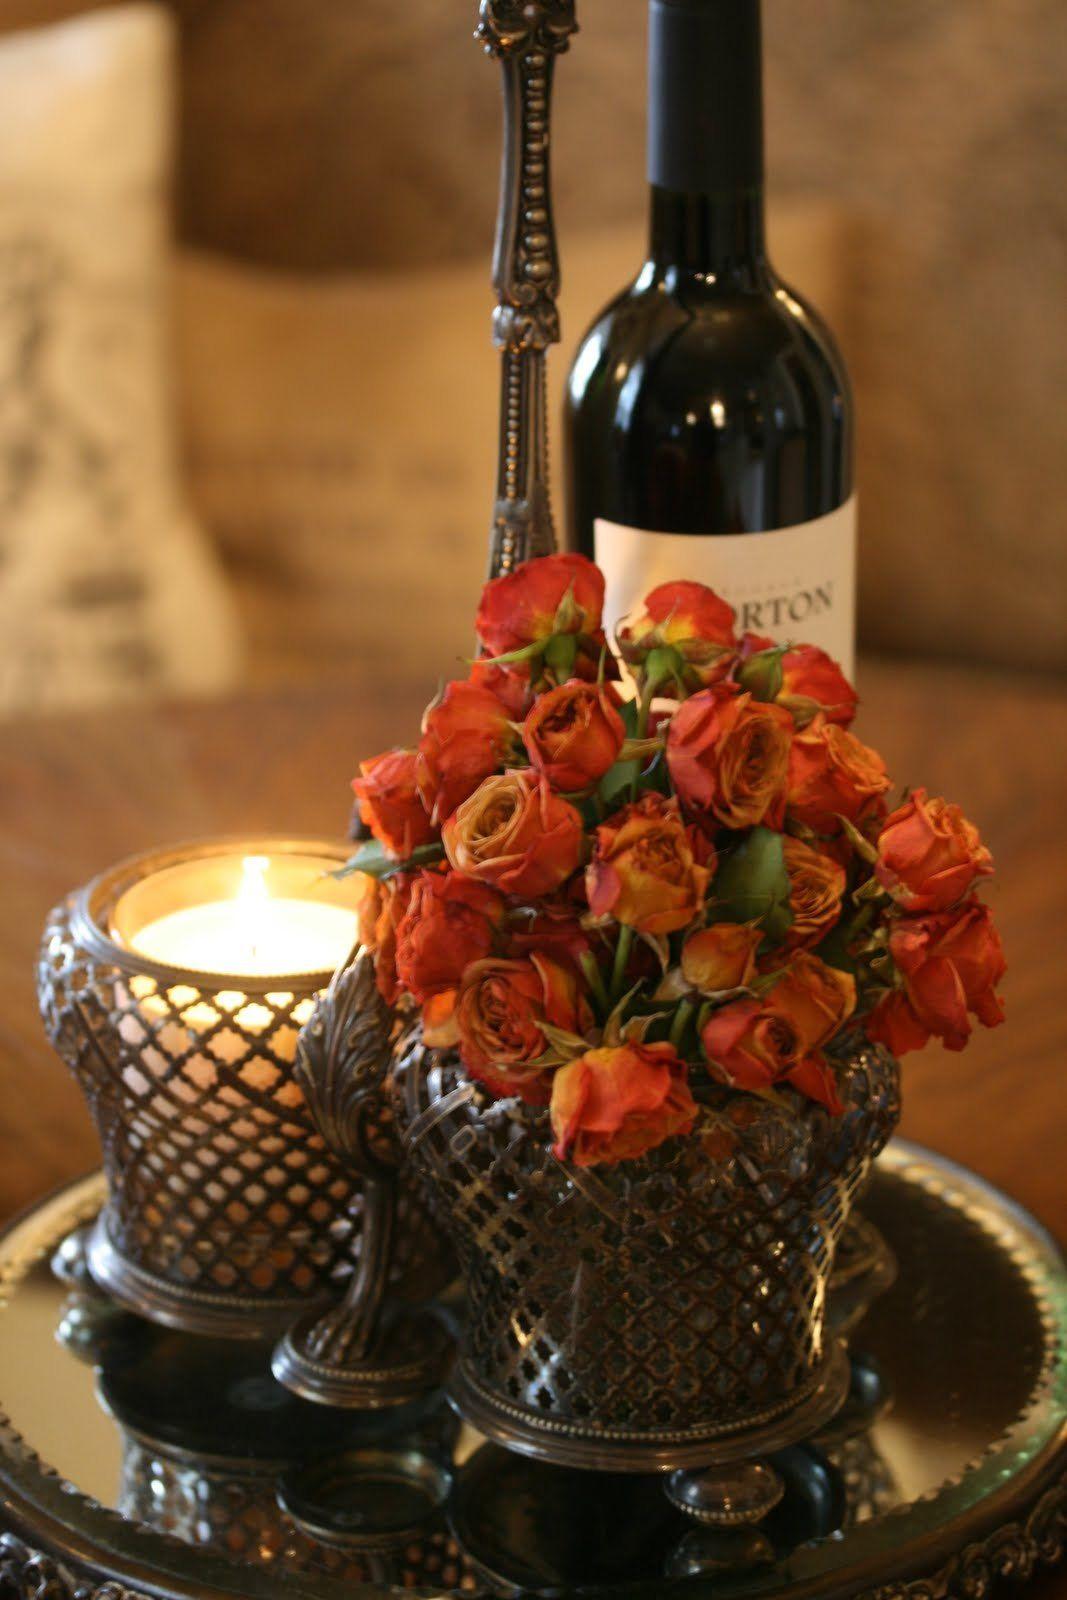 порода вино и цветы фото опухоль отличается